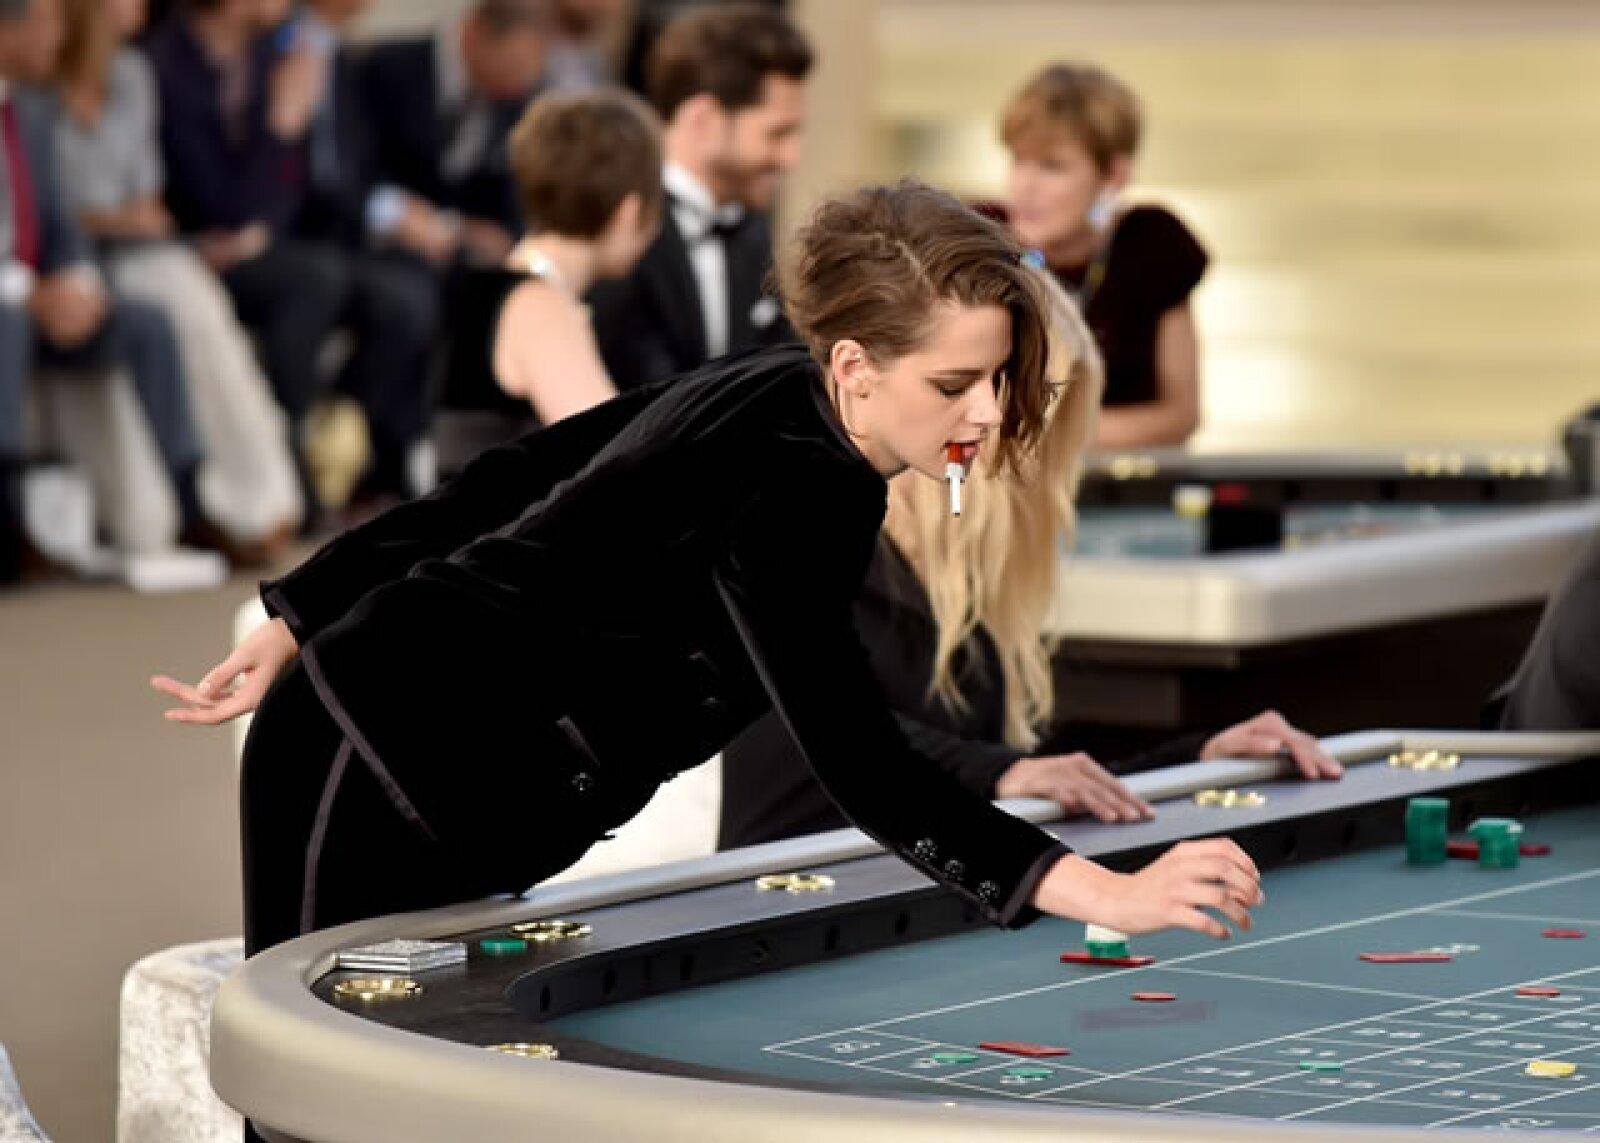 Dentro del Grand Palais de París se construyó un casino que incluye slot machines con el logo de la firma.